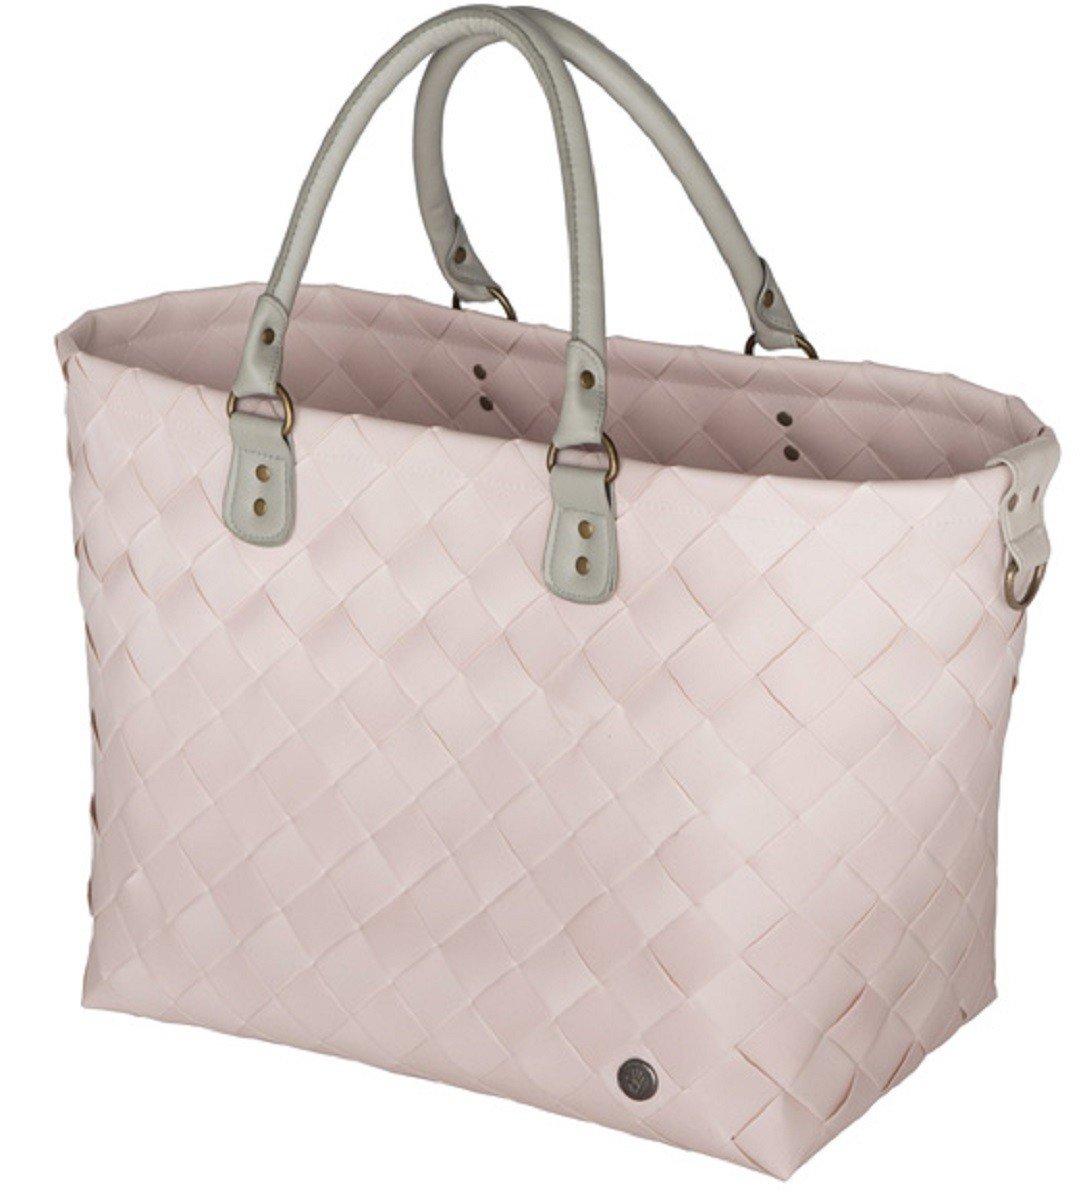 Handed By - Shopper Tasche - Einkaufskorb - Reisetasche - Saint-Tropez - Farbe: Nude - 36 x 43 x 24 cm - XL BFC499700